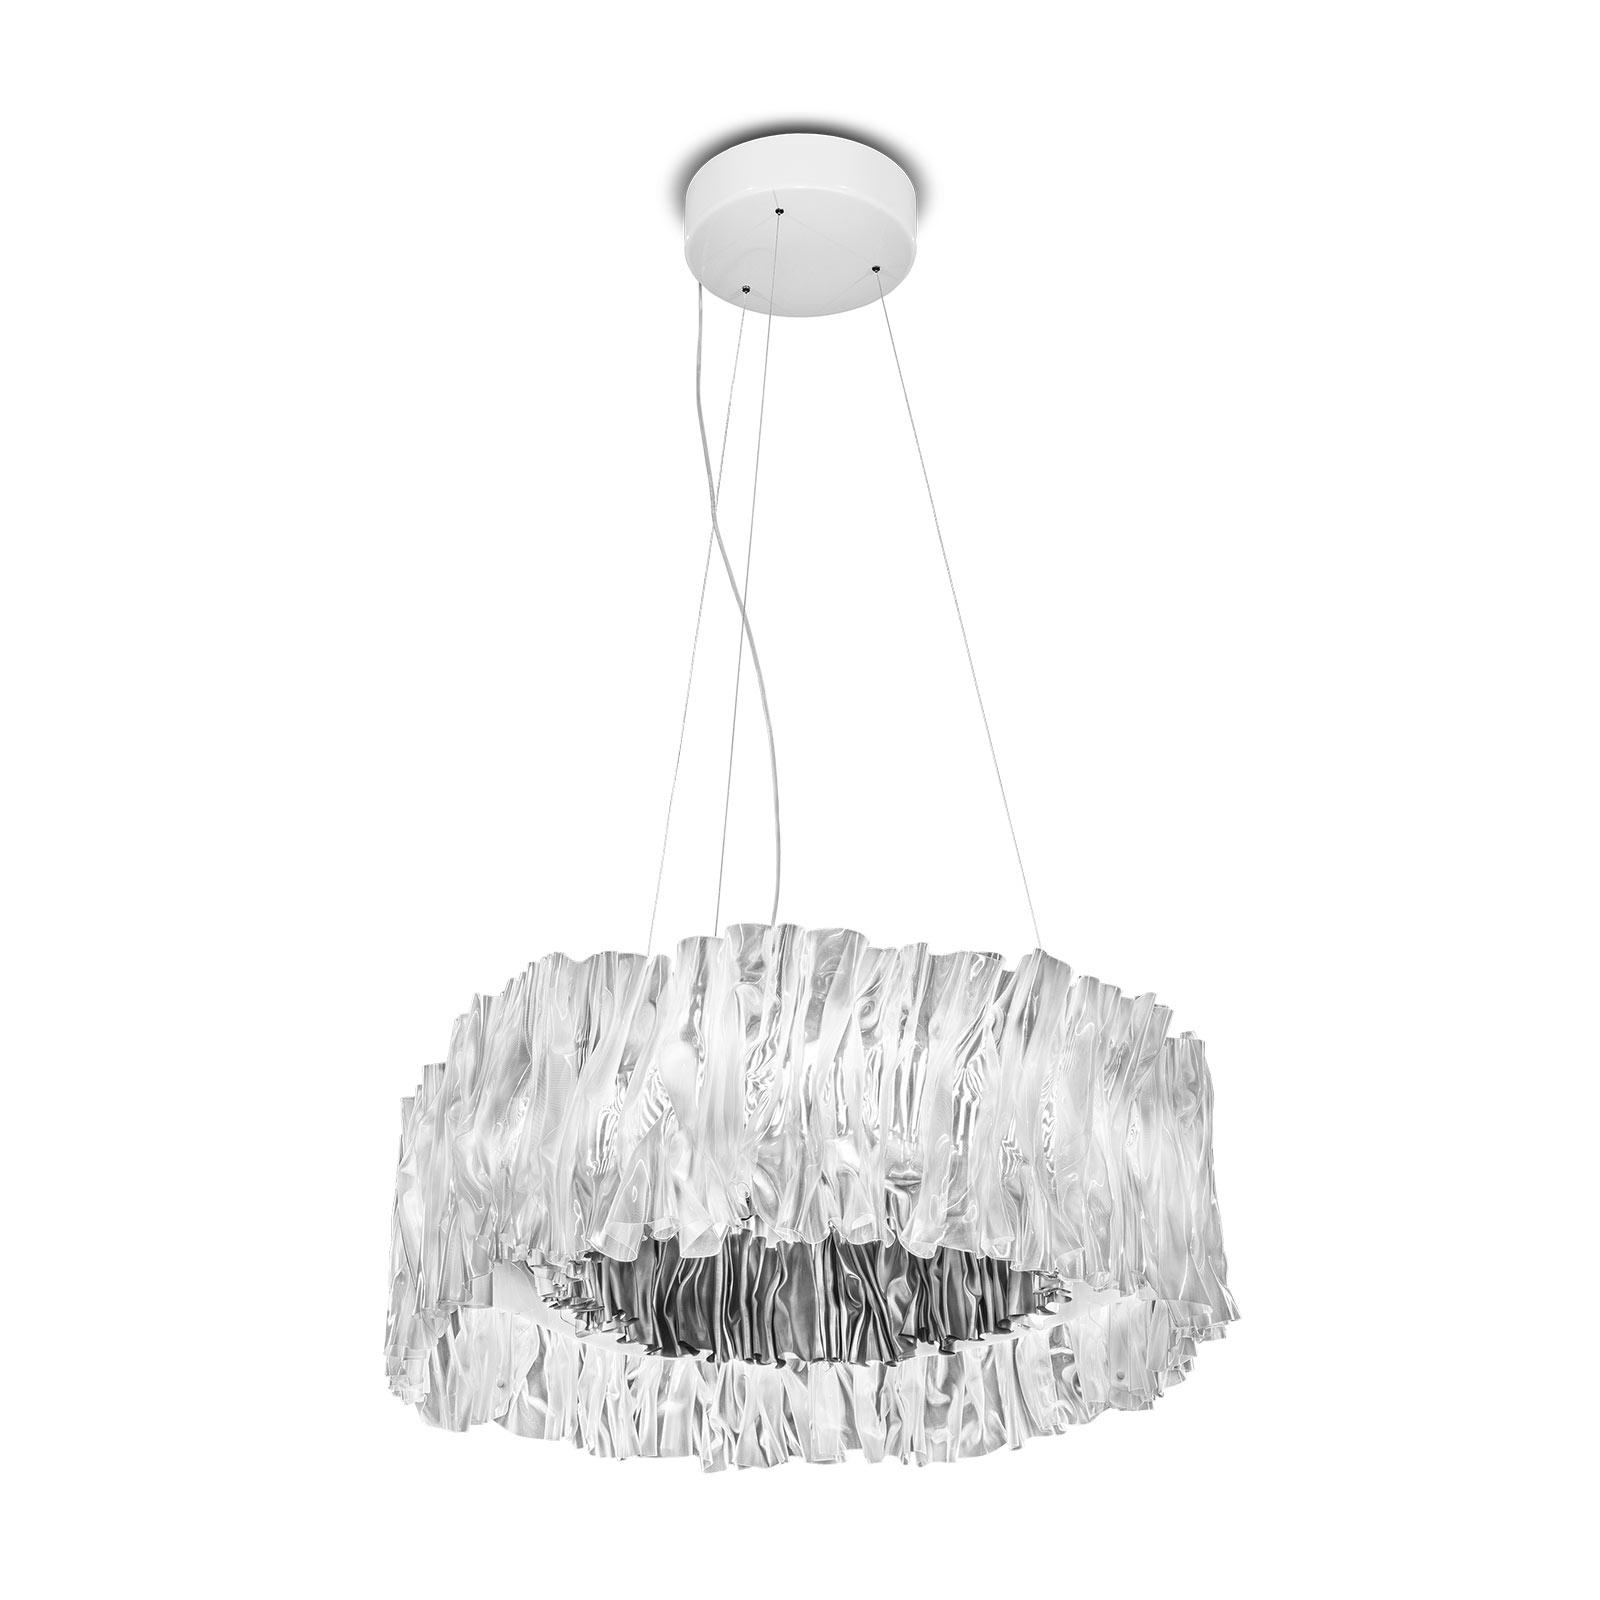 Slamp Accordéon LED závěsné světlo stříbro 2700 K